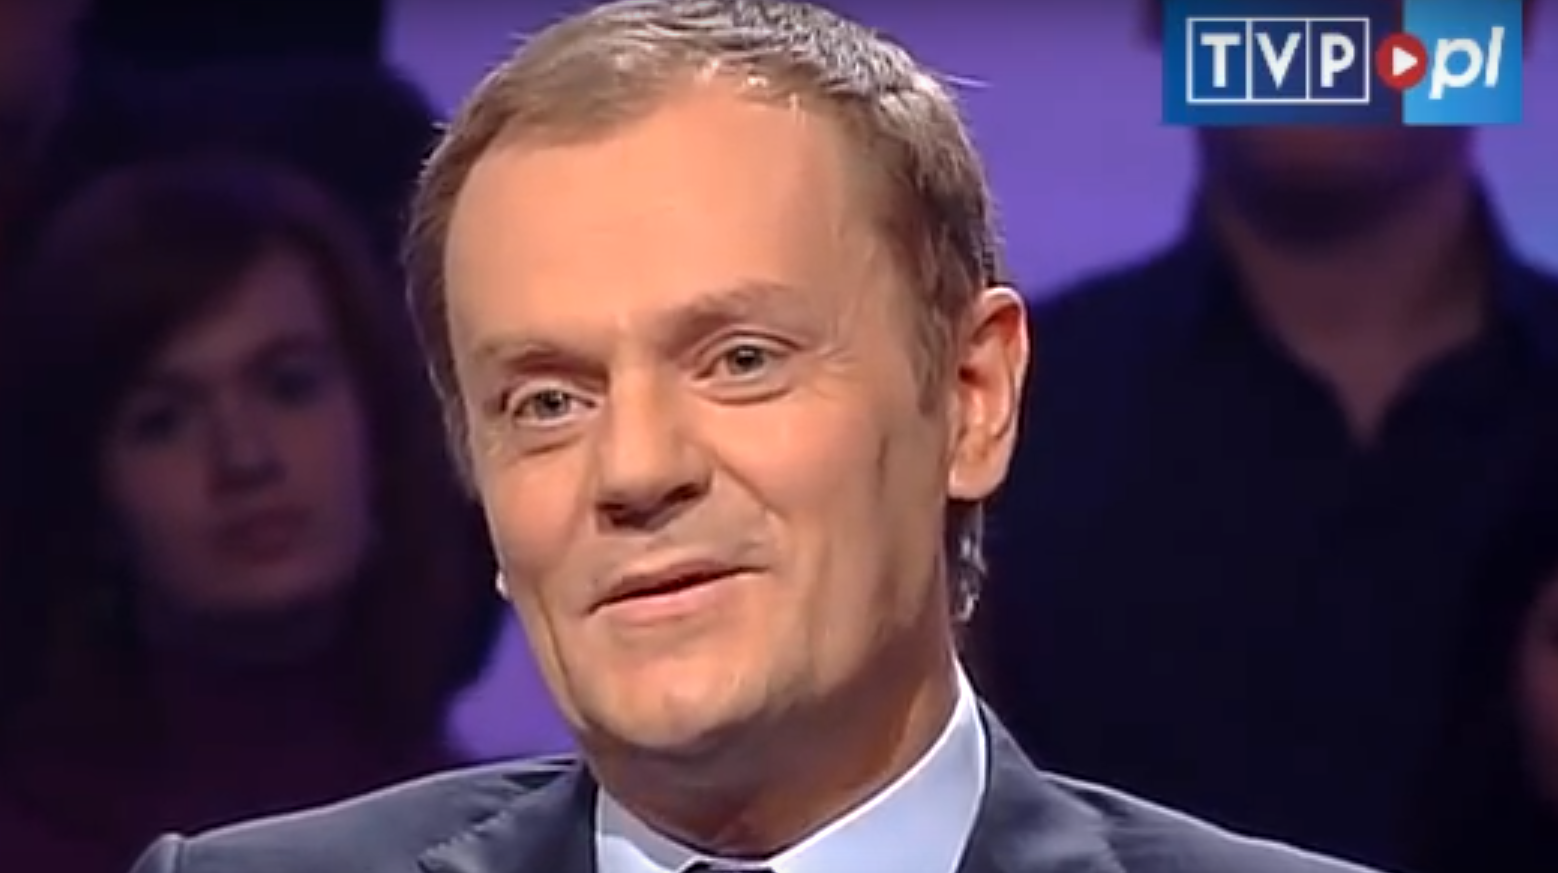 Krystyna Pawłowicz (PiS) oburzona socjotechnicznym planem przejęcia władzy przez PO. 4 czerwca Donald Tusk ma to ogłosić. Czy Tusk wraca do Polski?